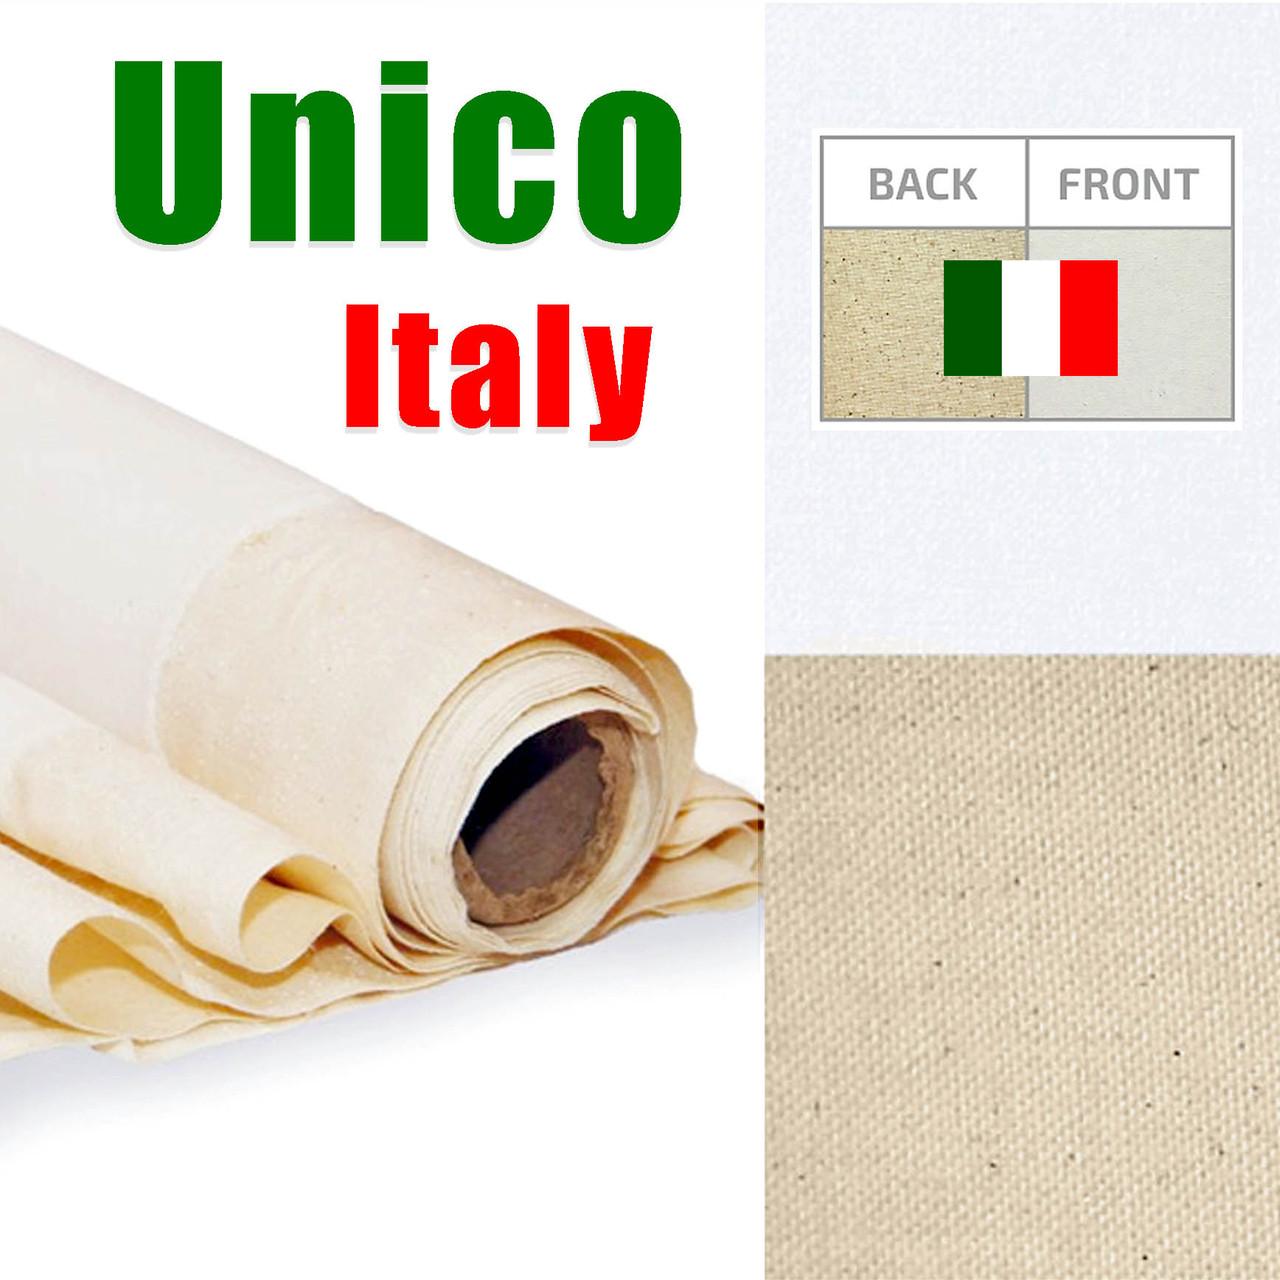 """Купить холст """"Unico"""" Италия,  среднее зерно, 335 г/м², ширина 2,1 м., в рулоне 10 п.м."""